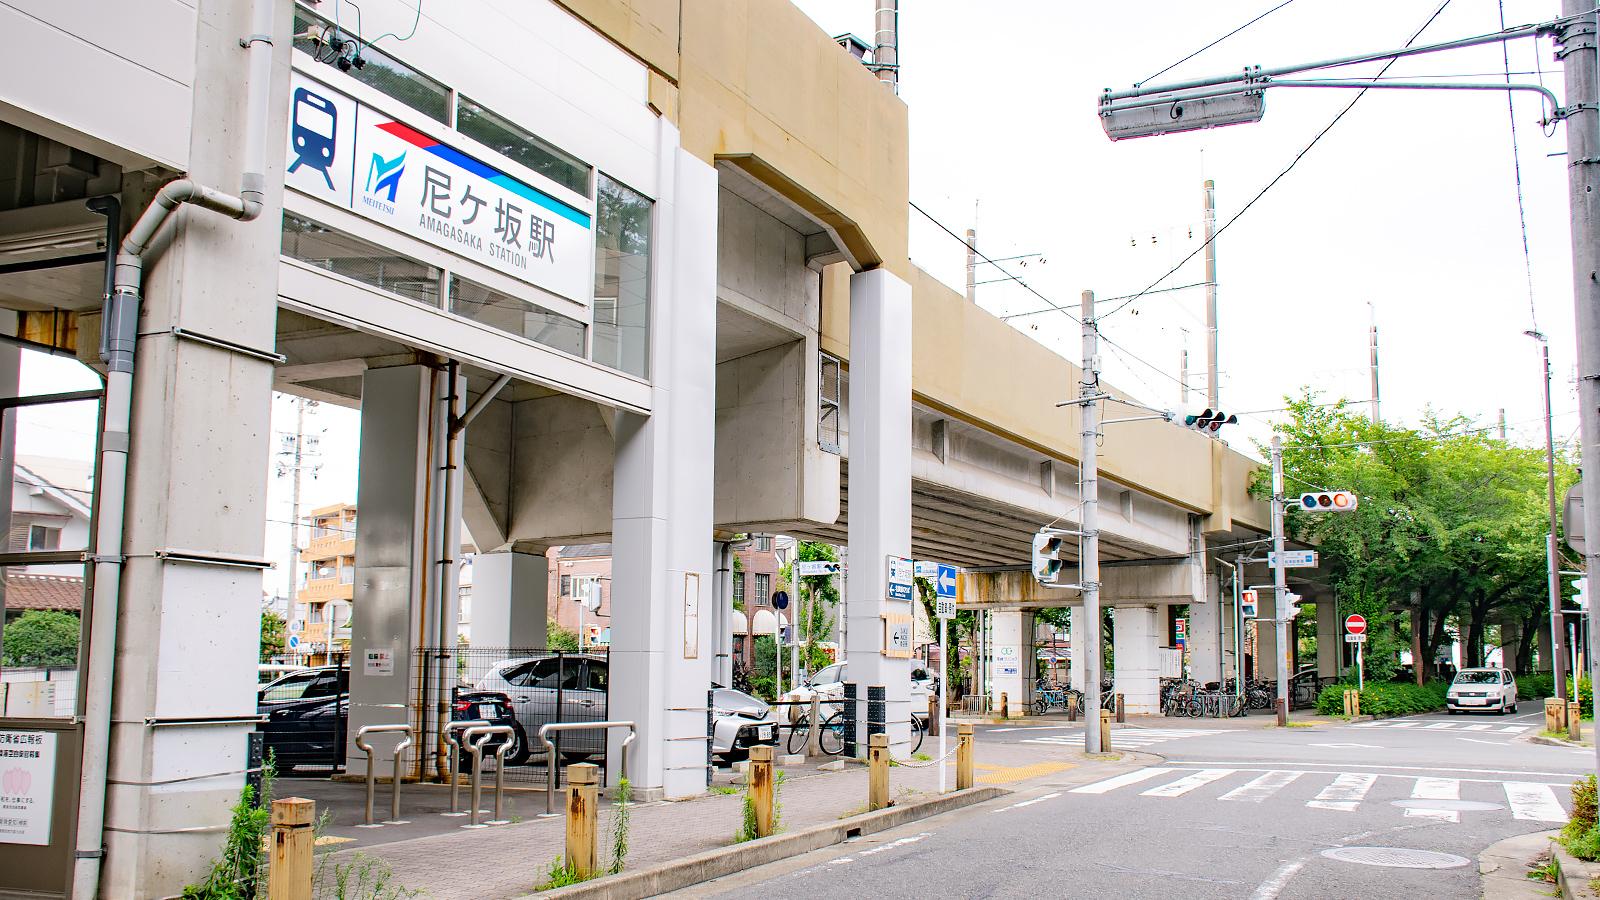 地元から発信!尼ケ坂駅周辺の住みやすさを紹介名鉄瀬戸線尼ケ坂駅